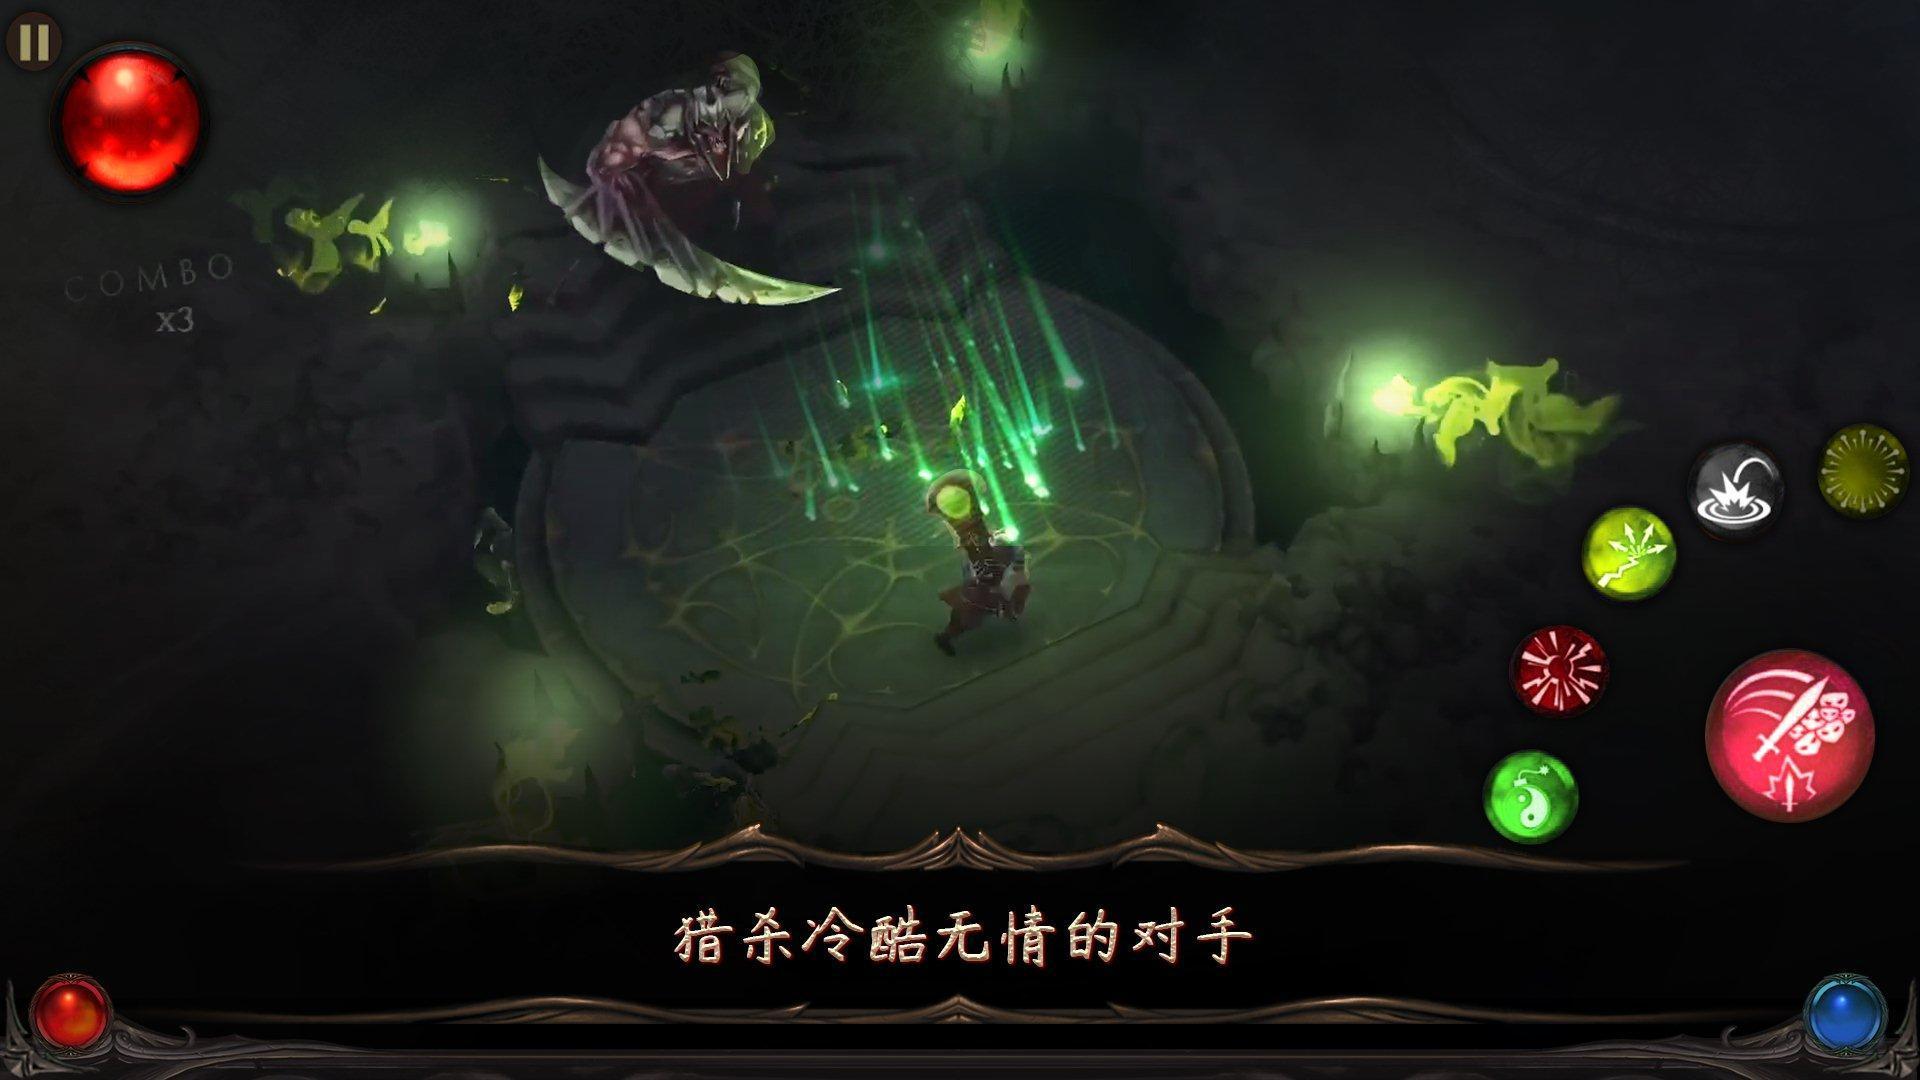 圣剑卫士 : 永生不朽 游戏截图4